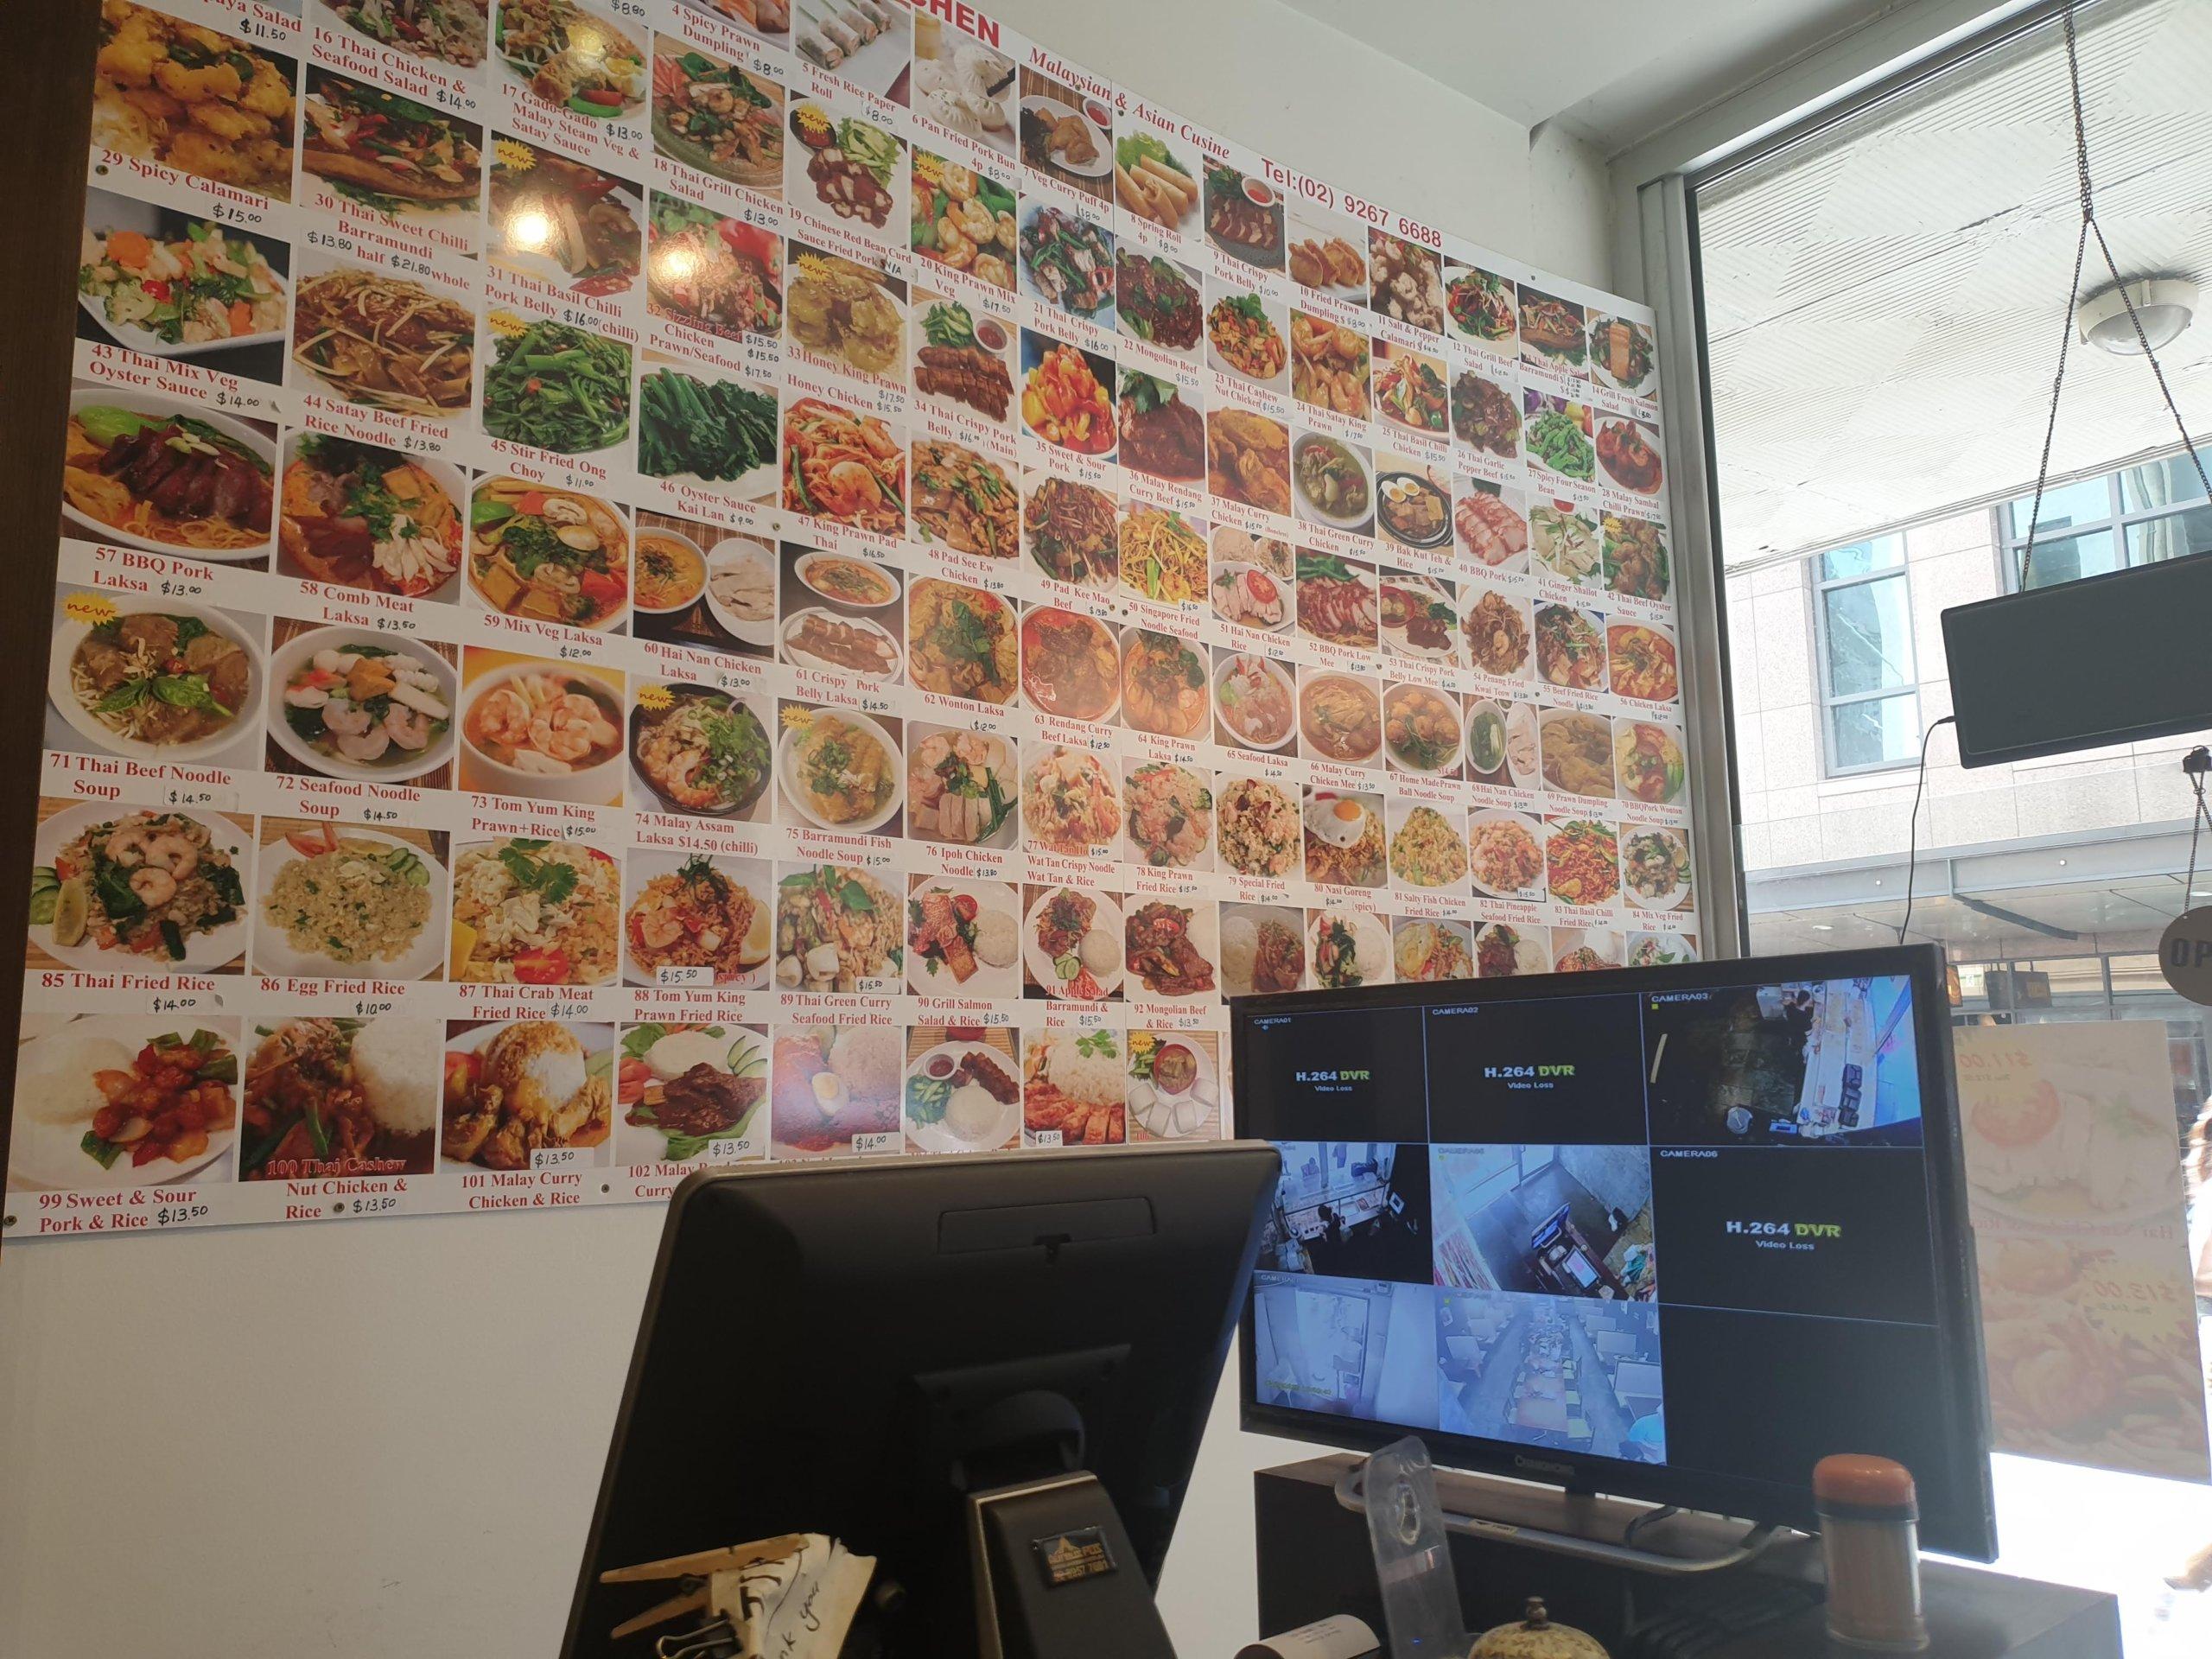 シドニー中心部にあるマレーシア・タイレストラン『David's Kitchen』